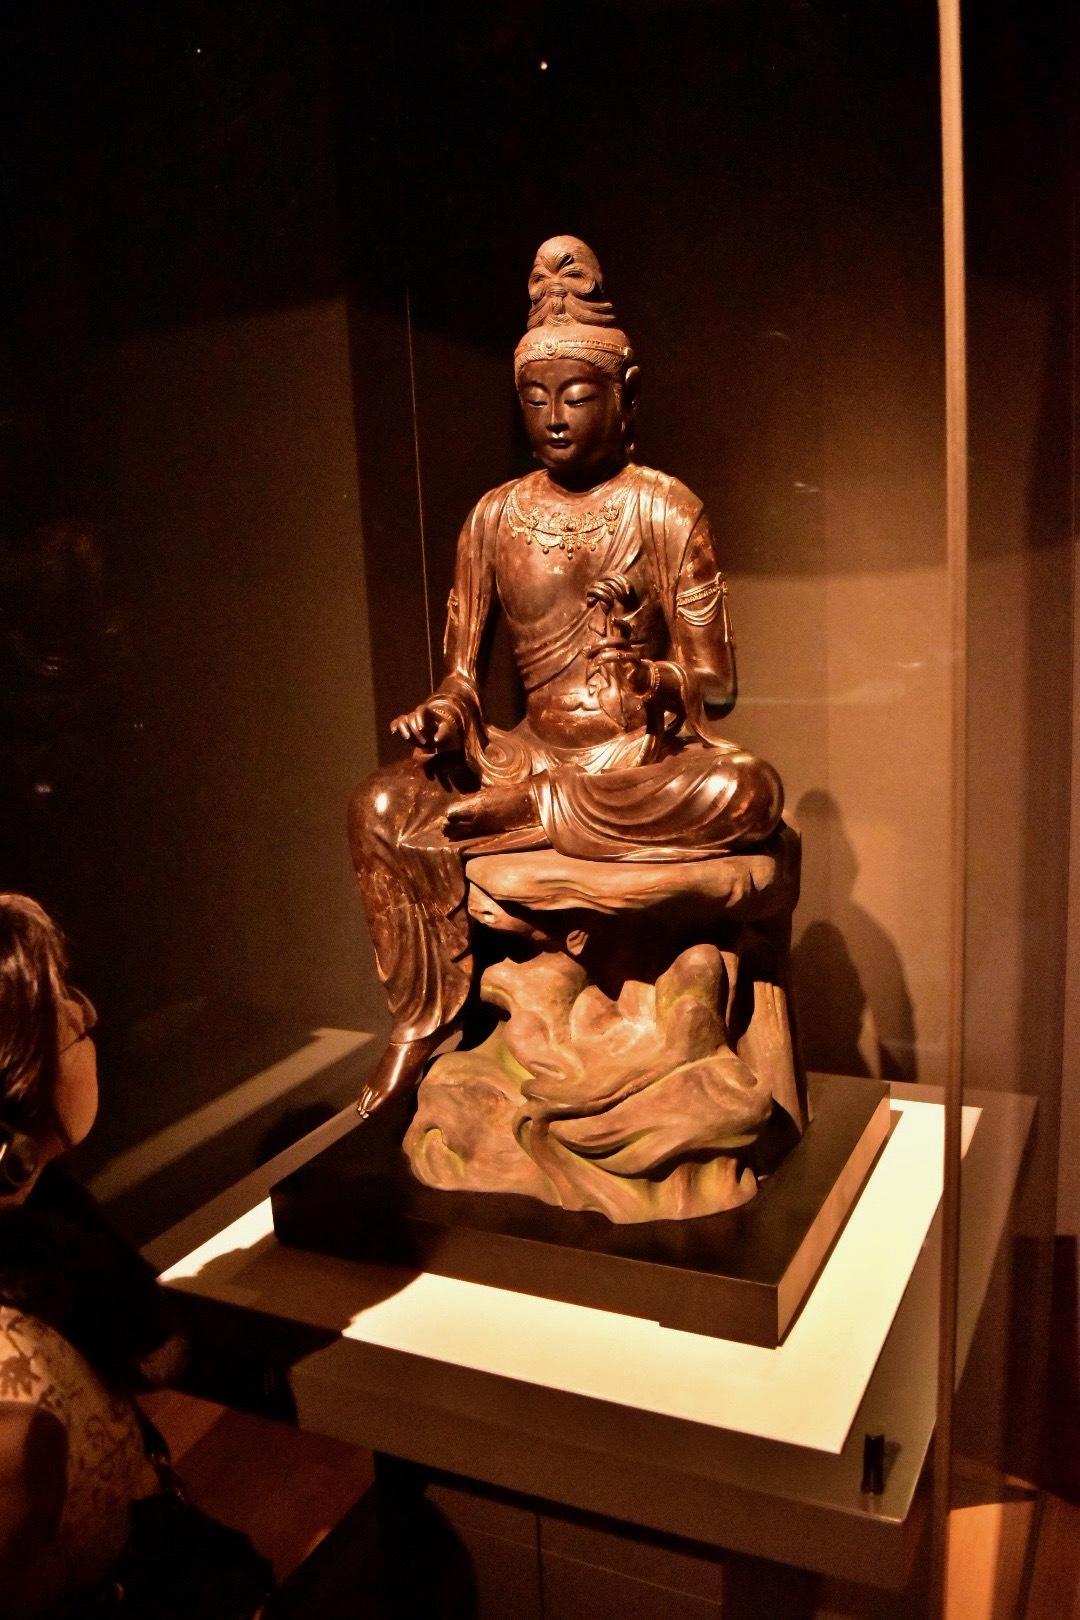 菩薩坐像 奈良時代 8世紀 神奈川・龍華寺(神奈川県立金沢文庫管理)